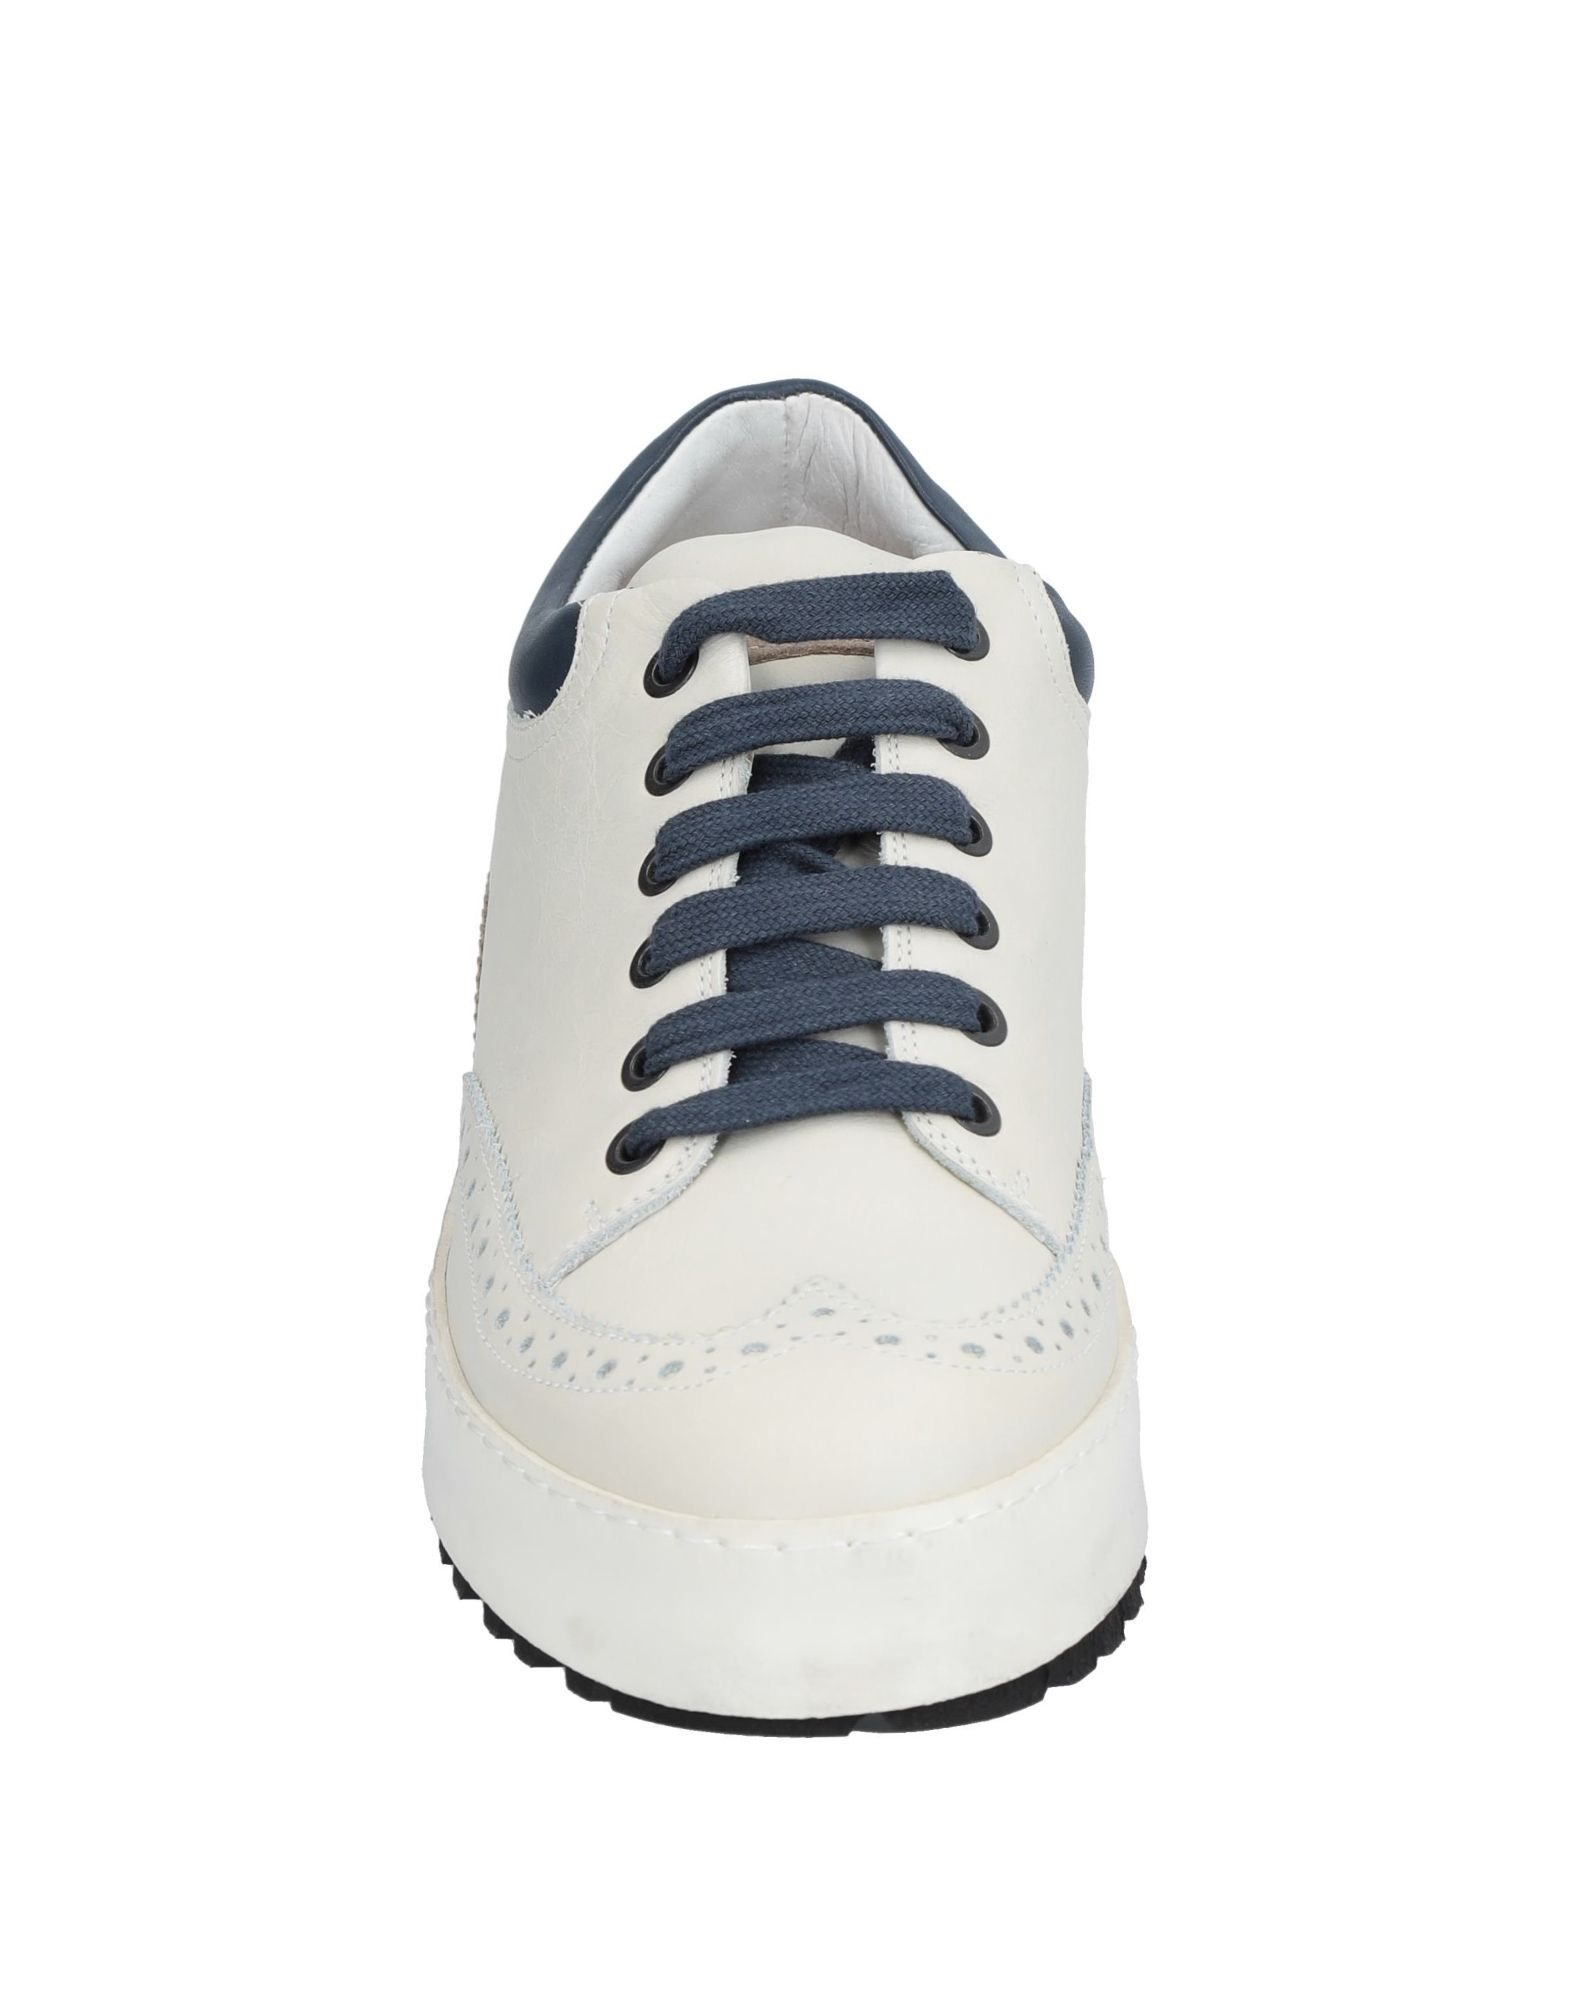 Rabatt echte Schuhe The  Willa Sneakers Herren  The 11535264NL 921719